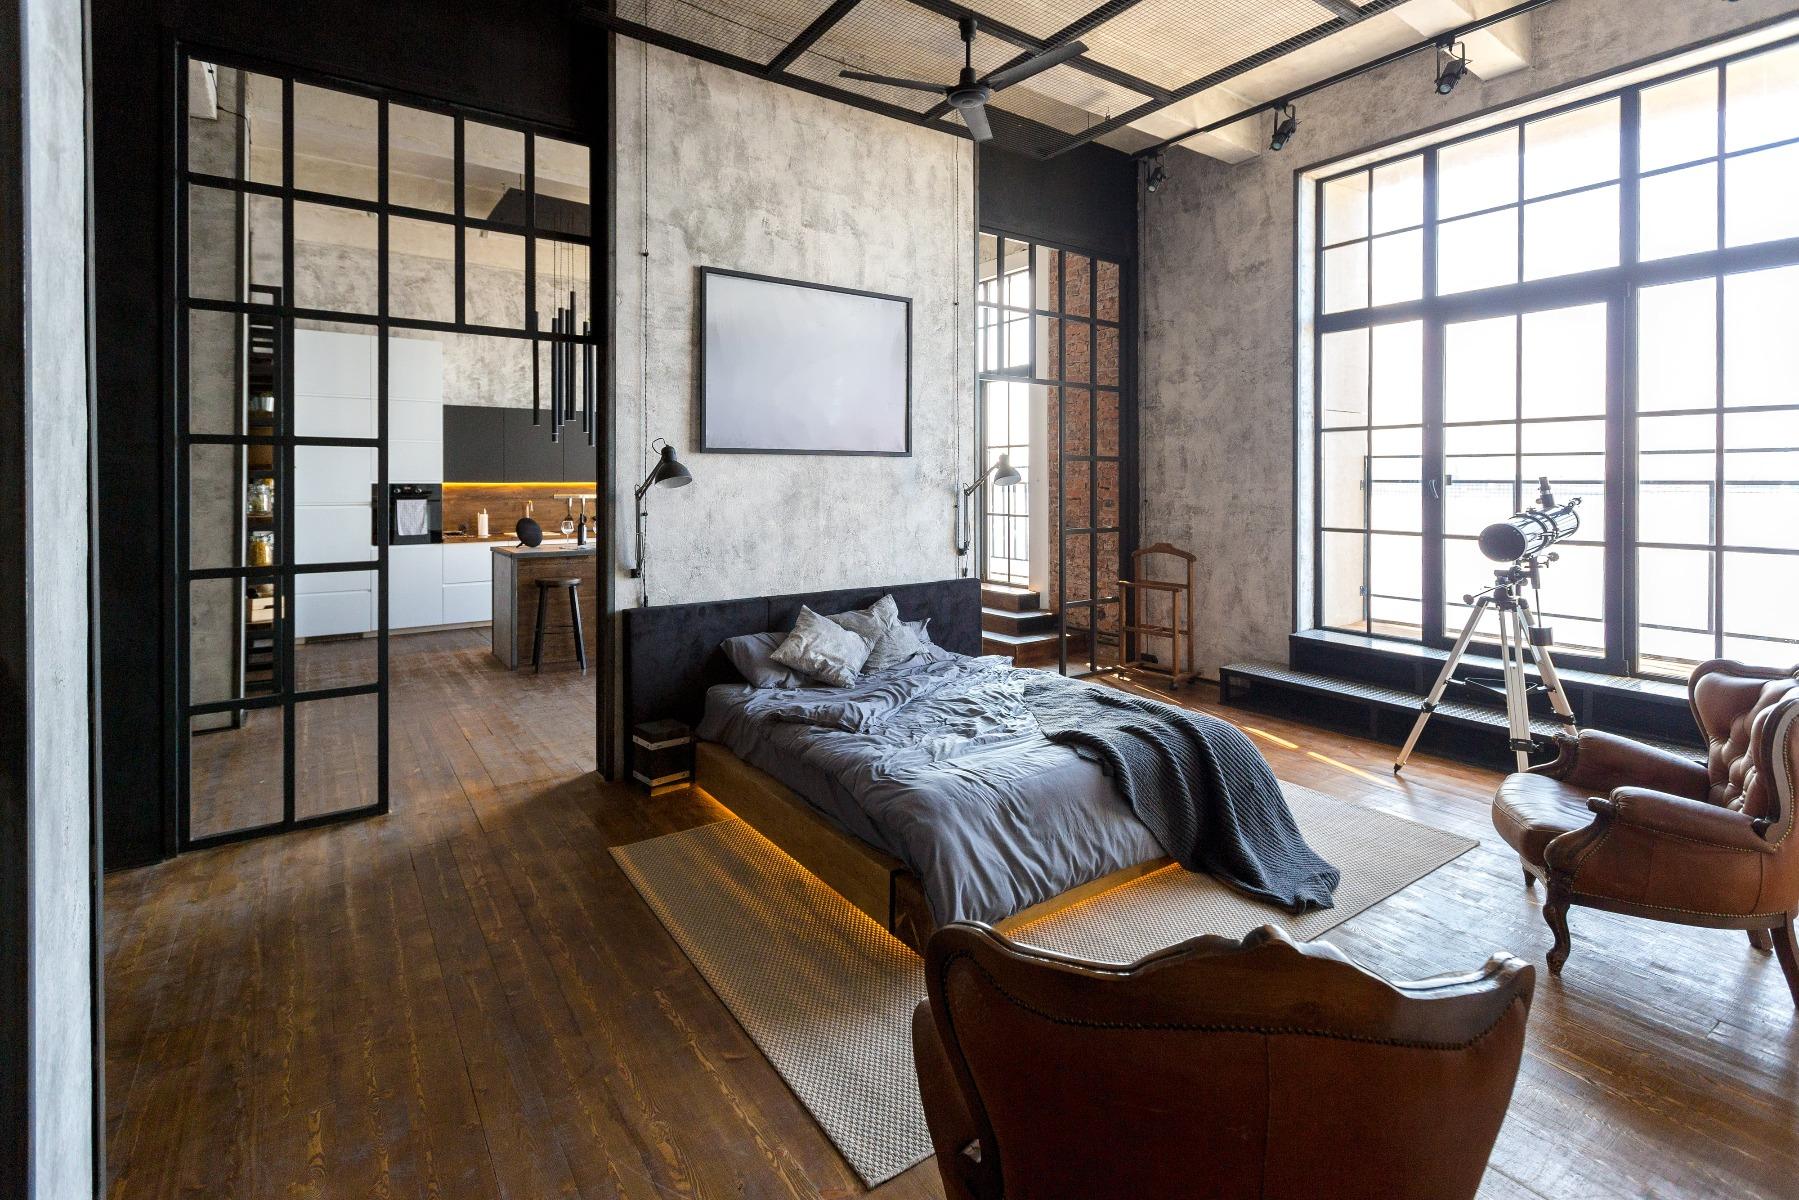 Das Bild zeigt einen Raum im Industrial Style.